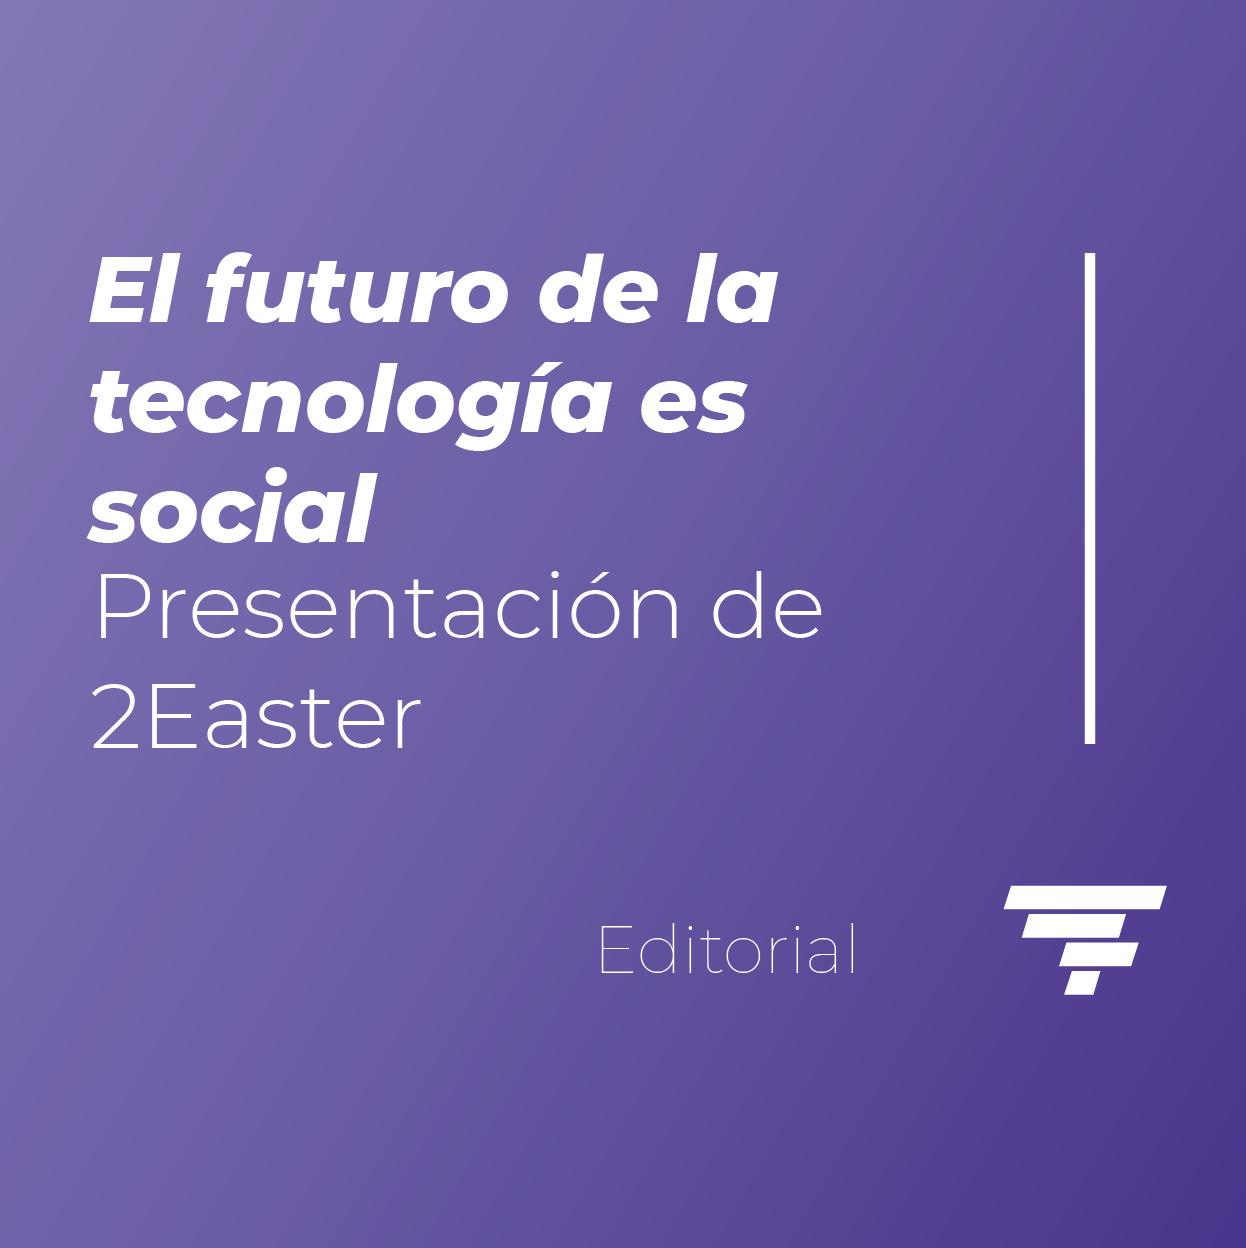 El futuro de la tecnología es social: Presentación de 2Easter